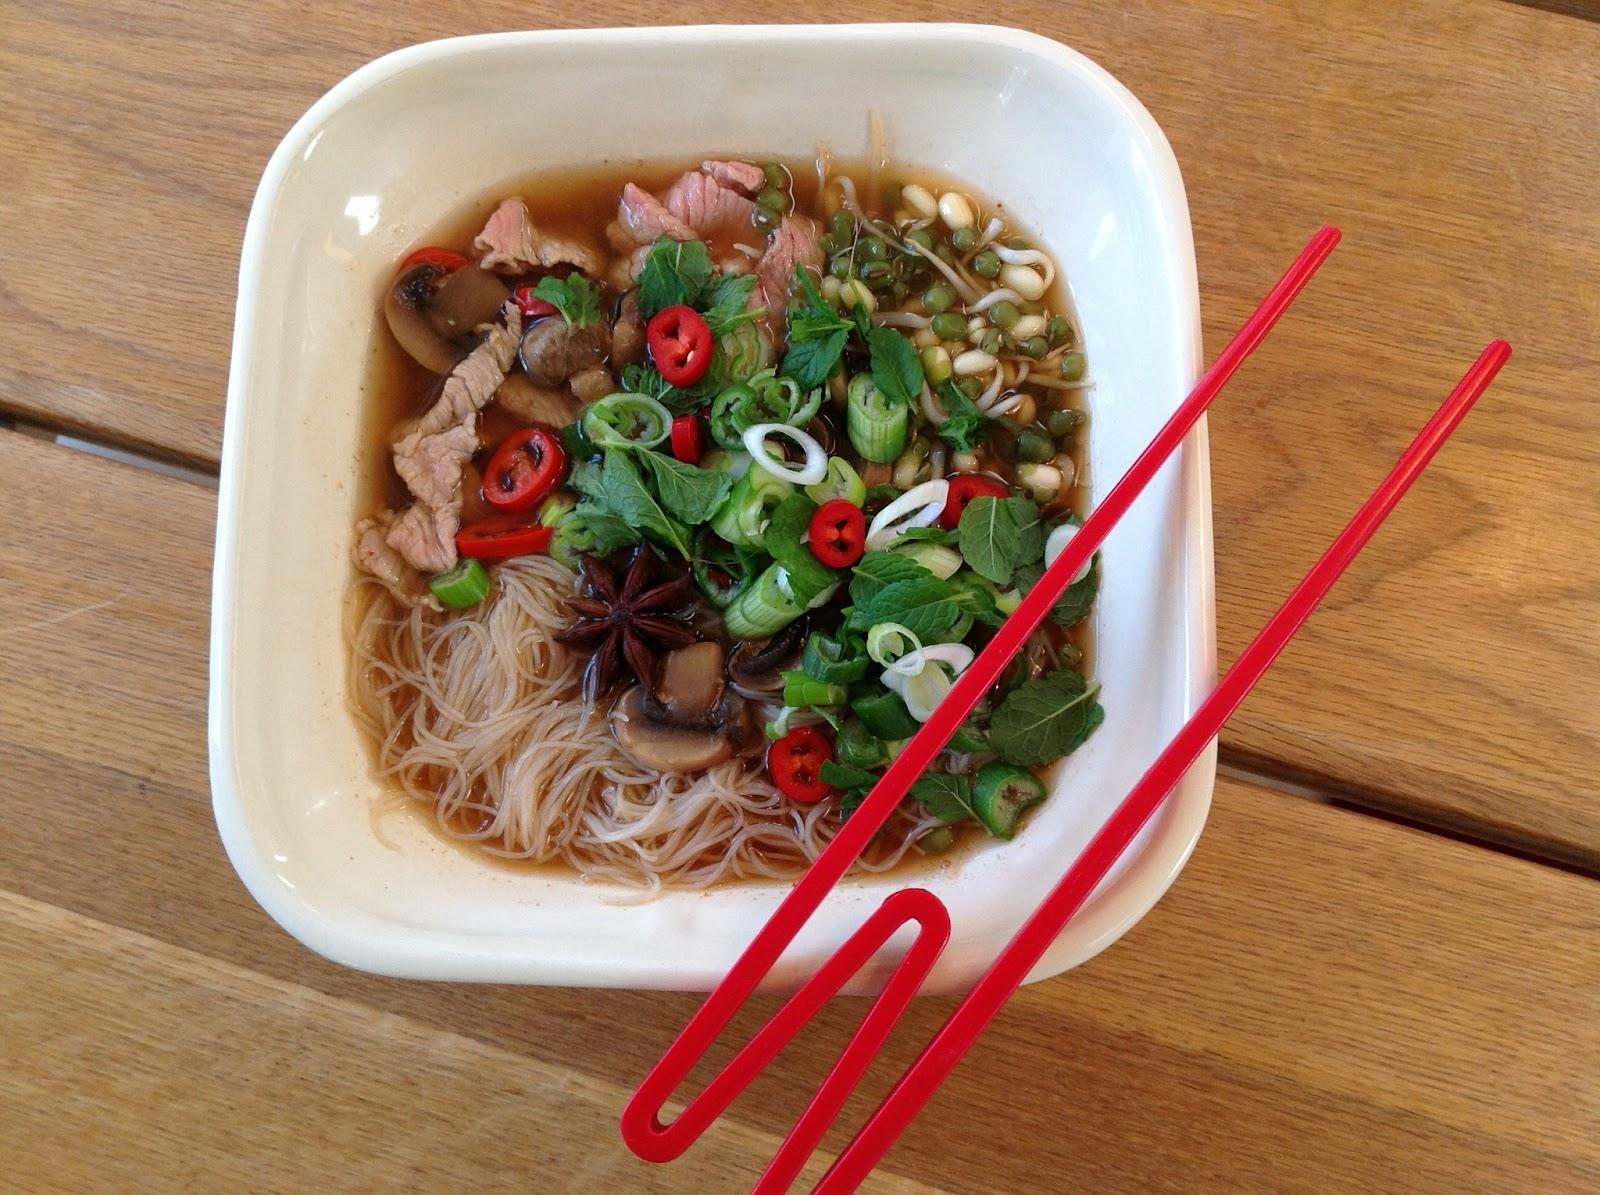 evas k kken pho vietnamesisk spicy suppe med masser af fyld. Black Bedroom Furniture Sets. Home Design Ideas